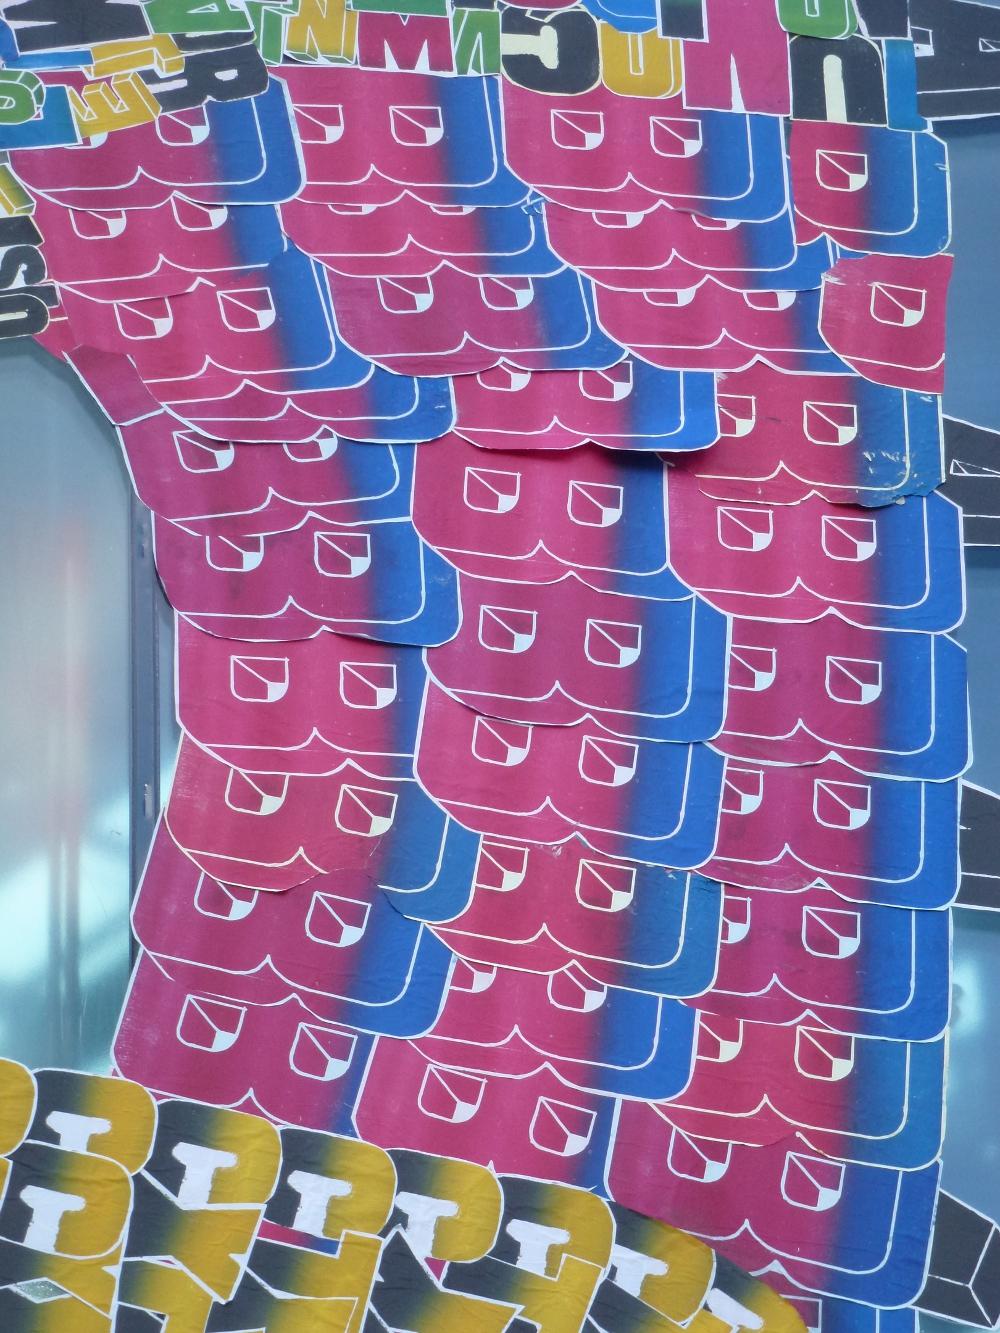 Details der Buchstaben - hergestellt von Fefe Talavera für Ihre Buchstaben-Monster